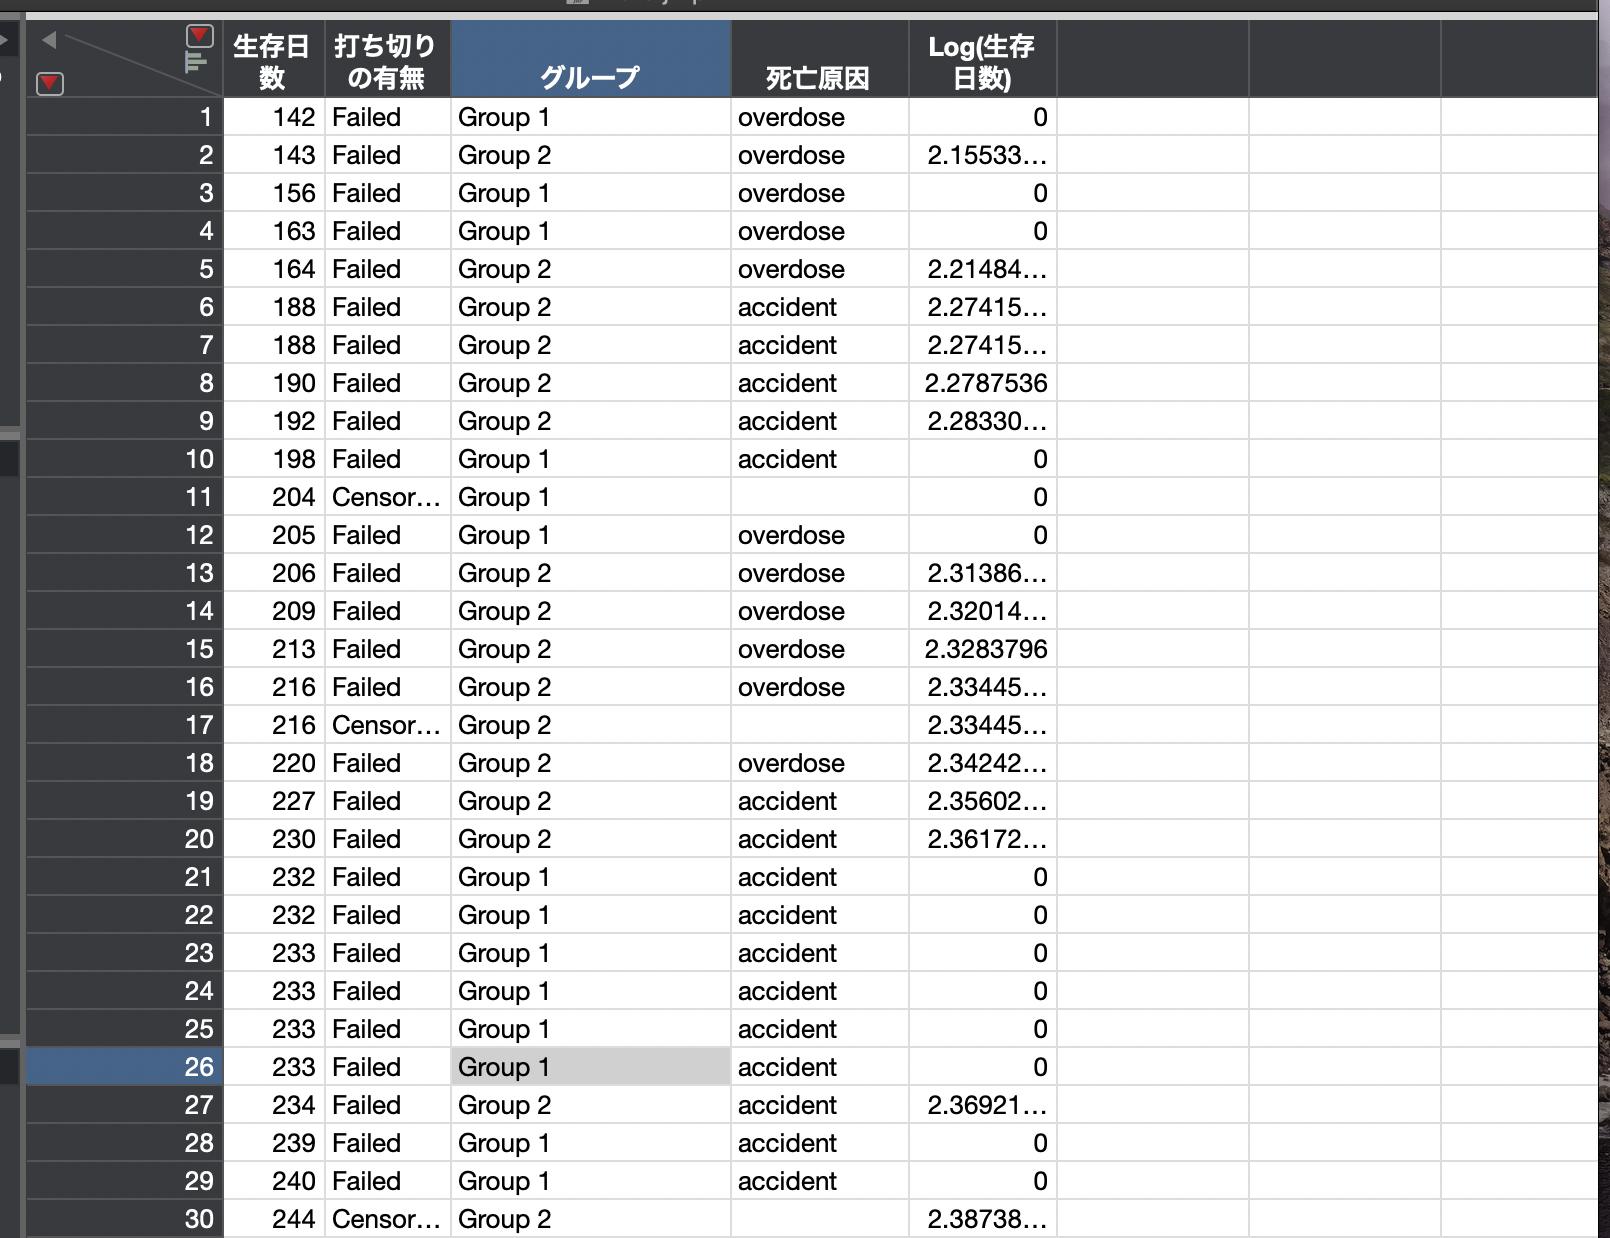 JMPでCOX比例ハザードモデルを解析する方法2